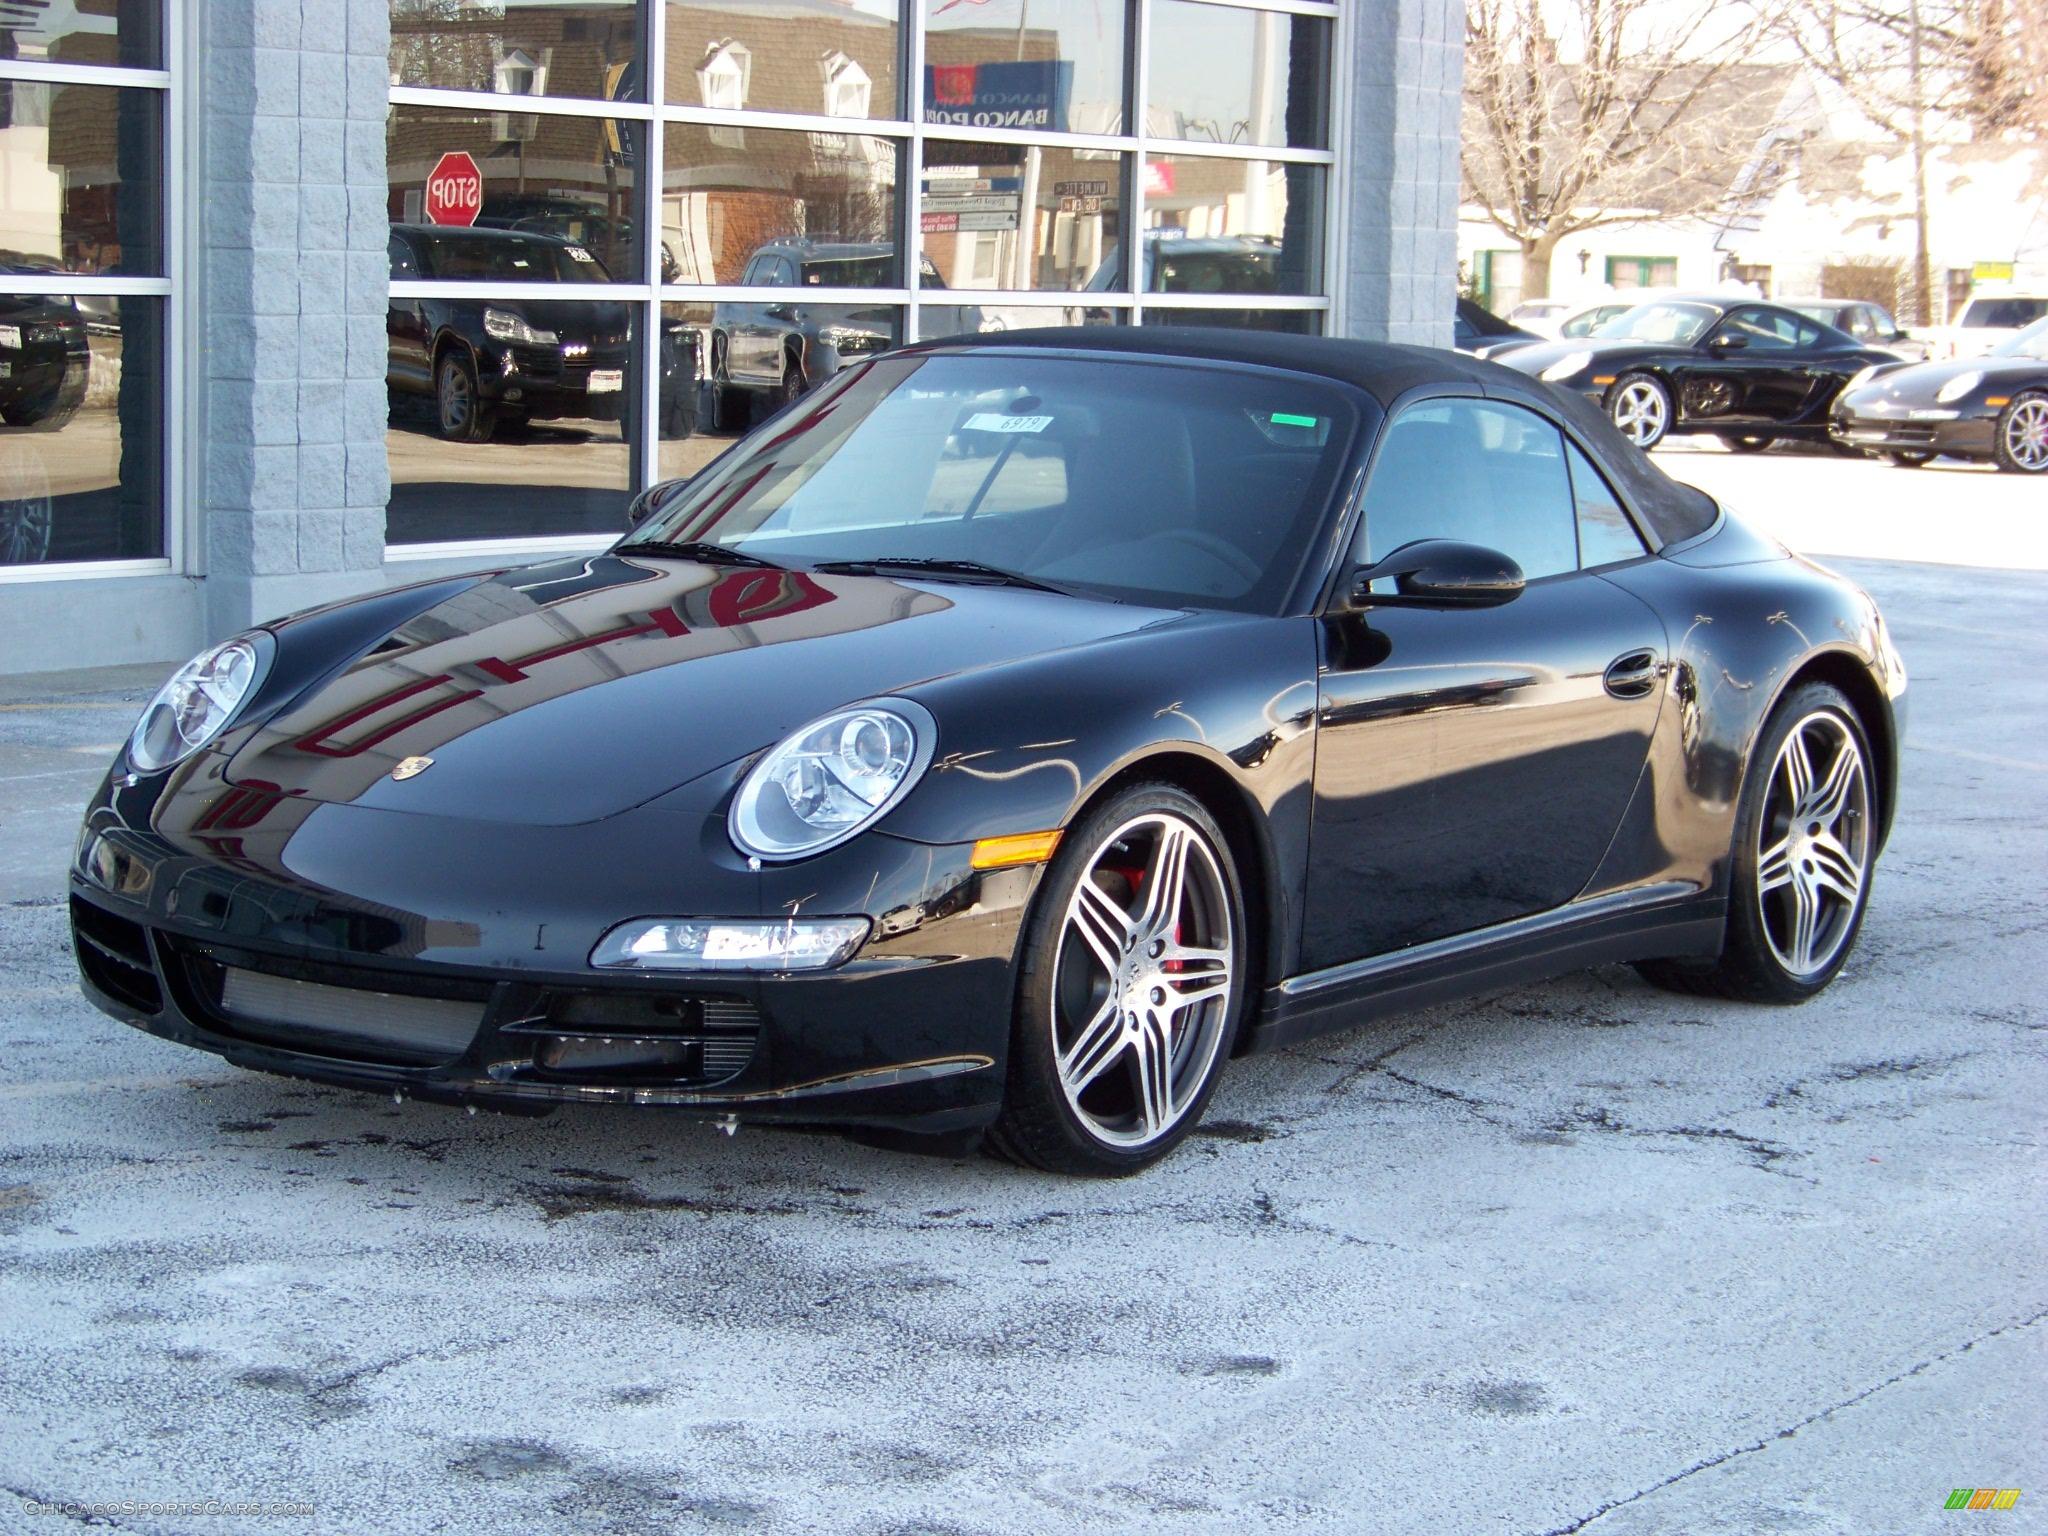 2008 porsche 911 carrera 4s cabriolet in black 776324 cars for sale. Black Bedroom Furniture Sets. Home Design Ideas